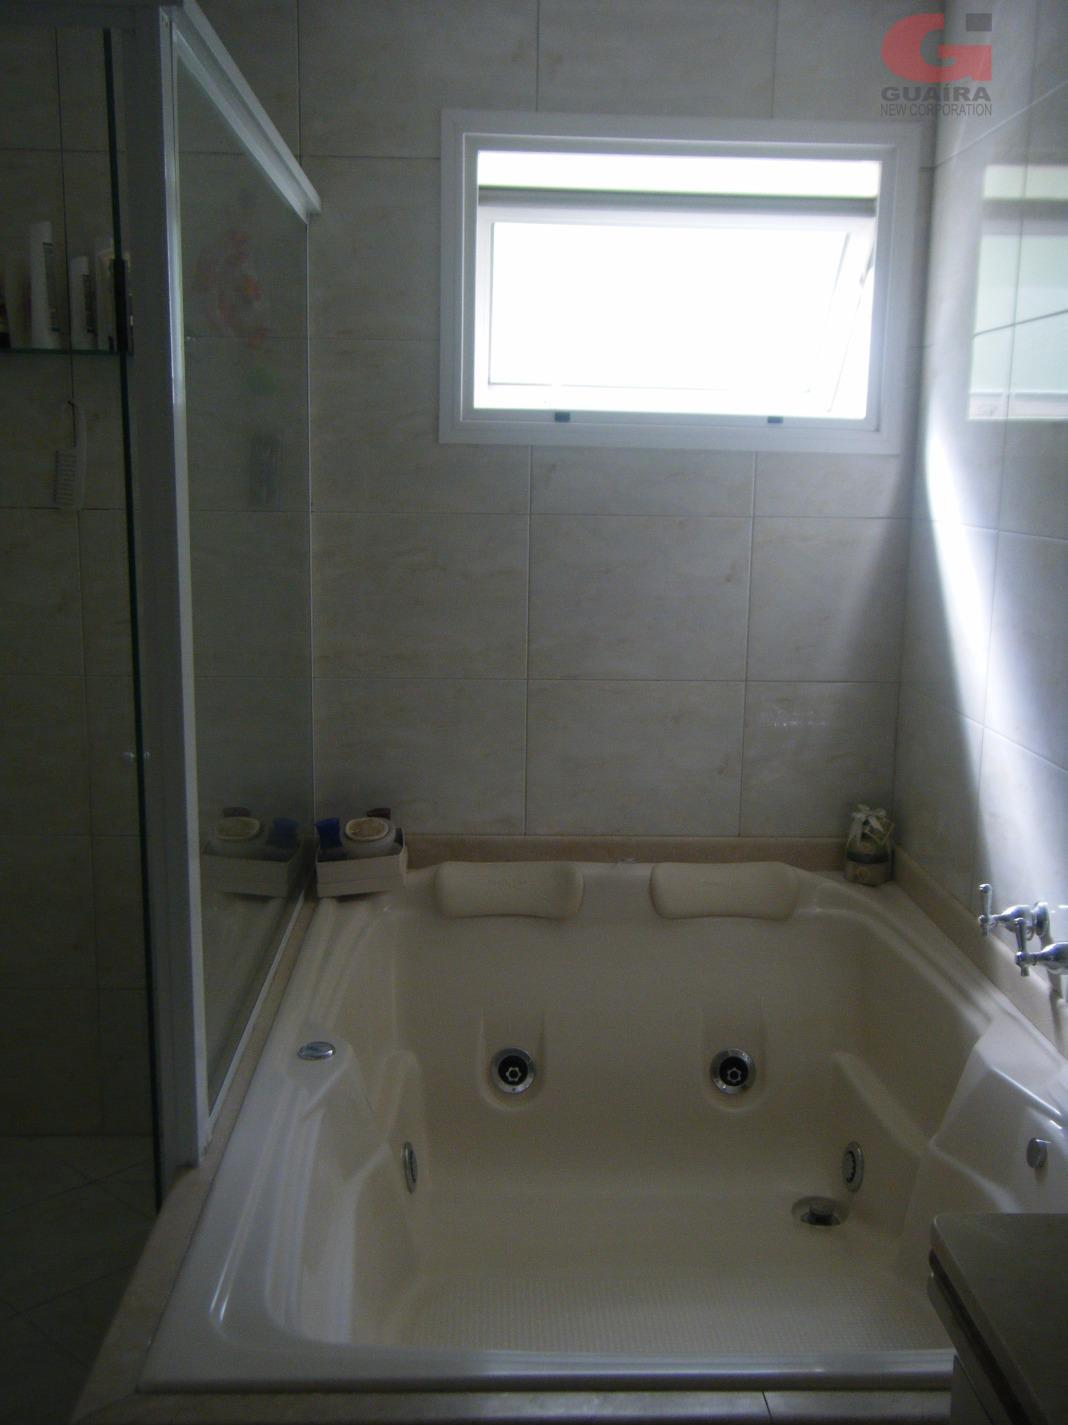 Sobrado de 4 dormitórios à venda em Nova Petrópolis, São Bernardo Do Campo - SP